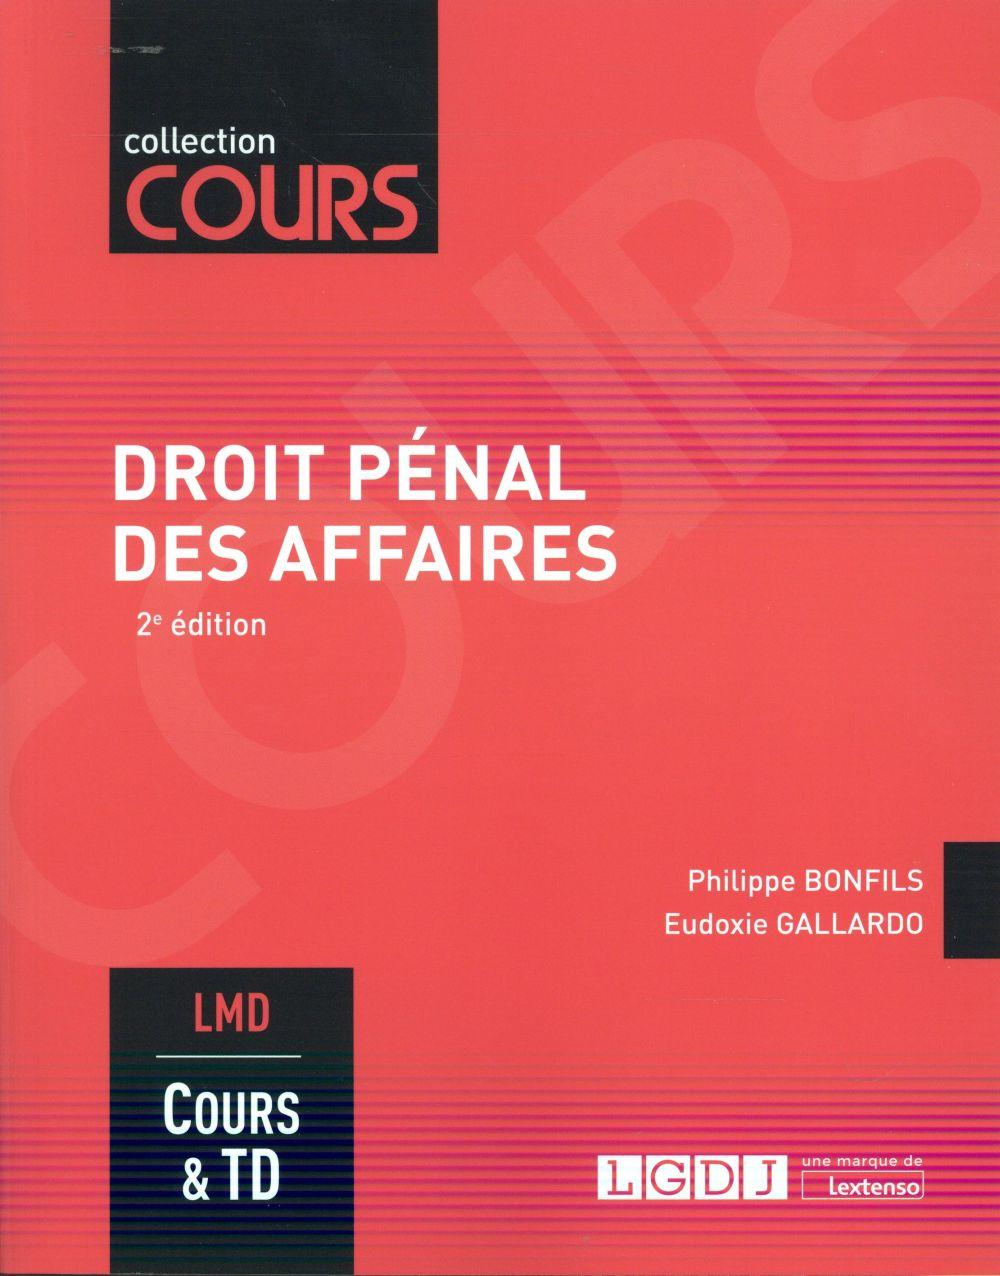 Droit pénal des affaires (2e édition)